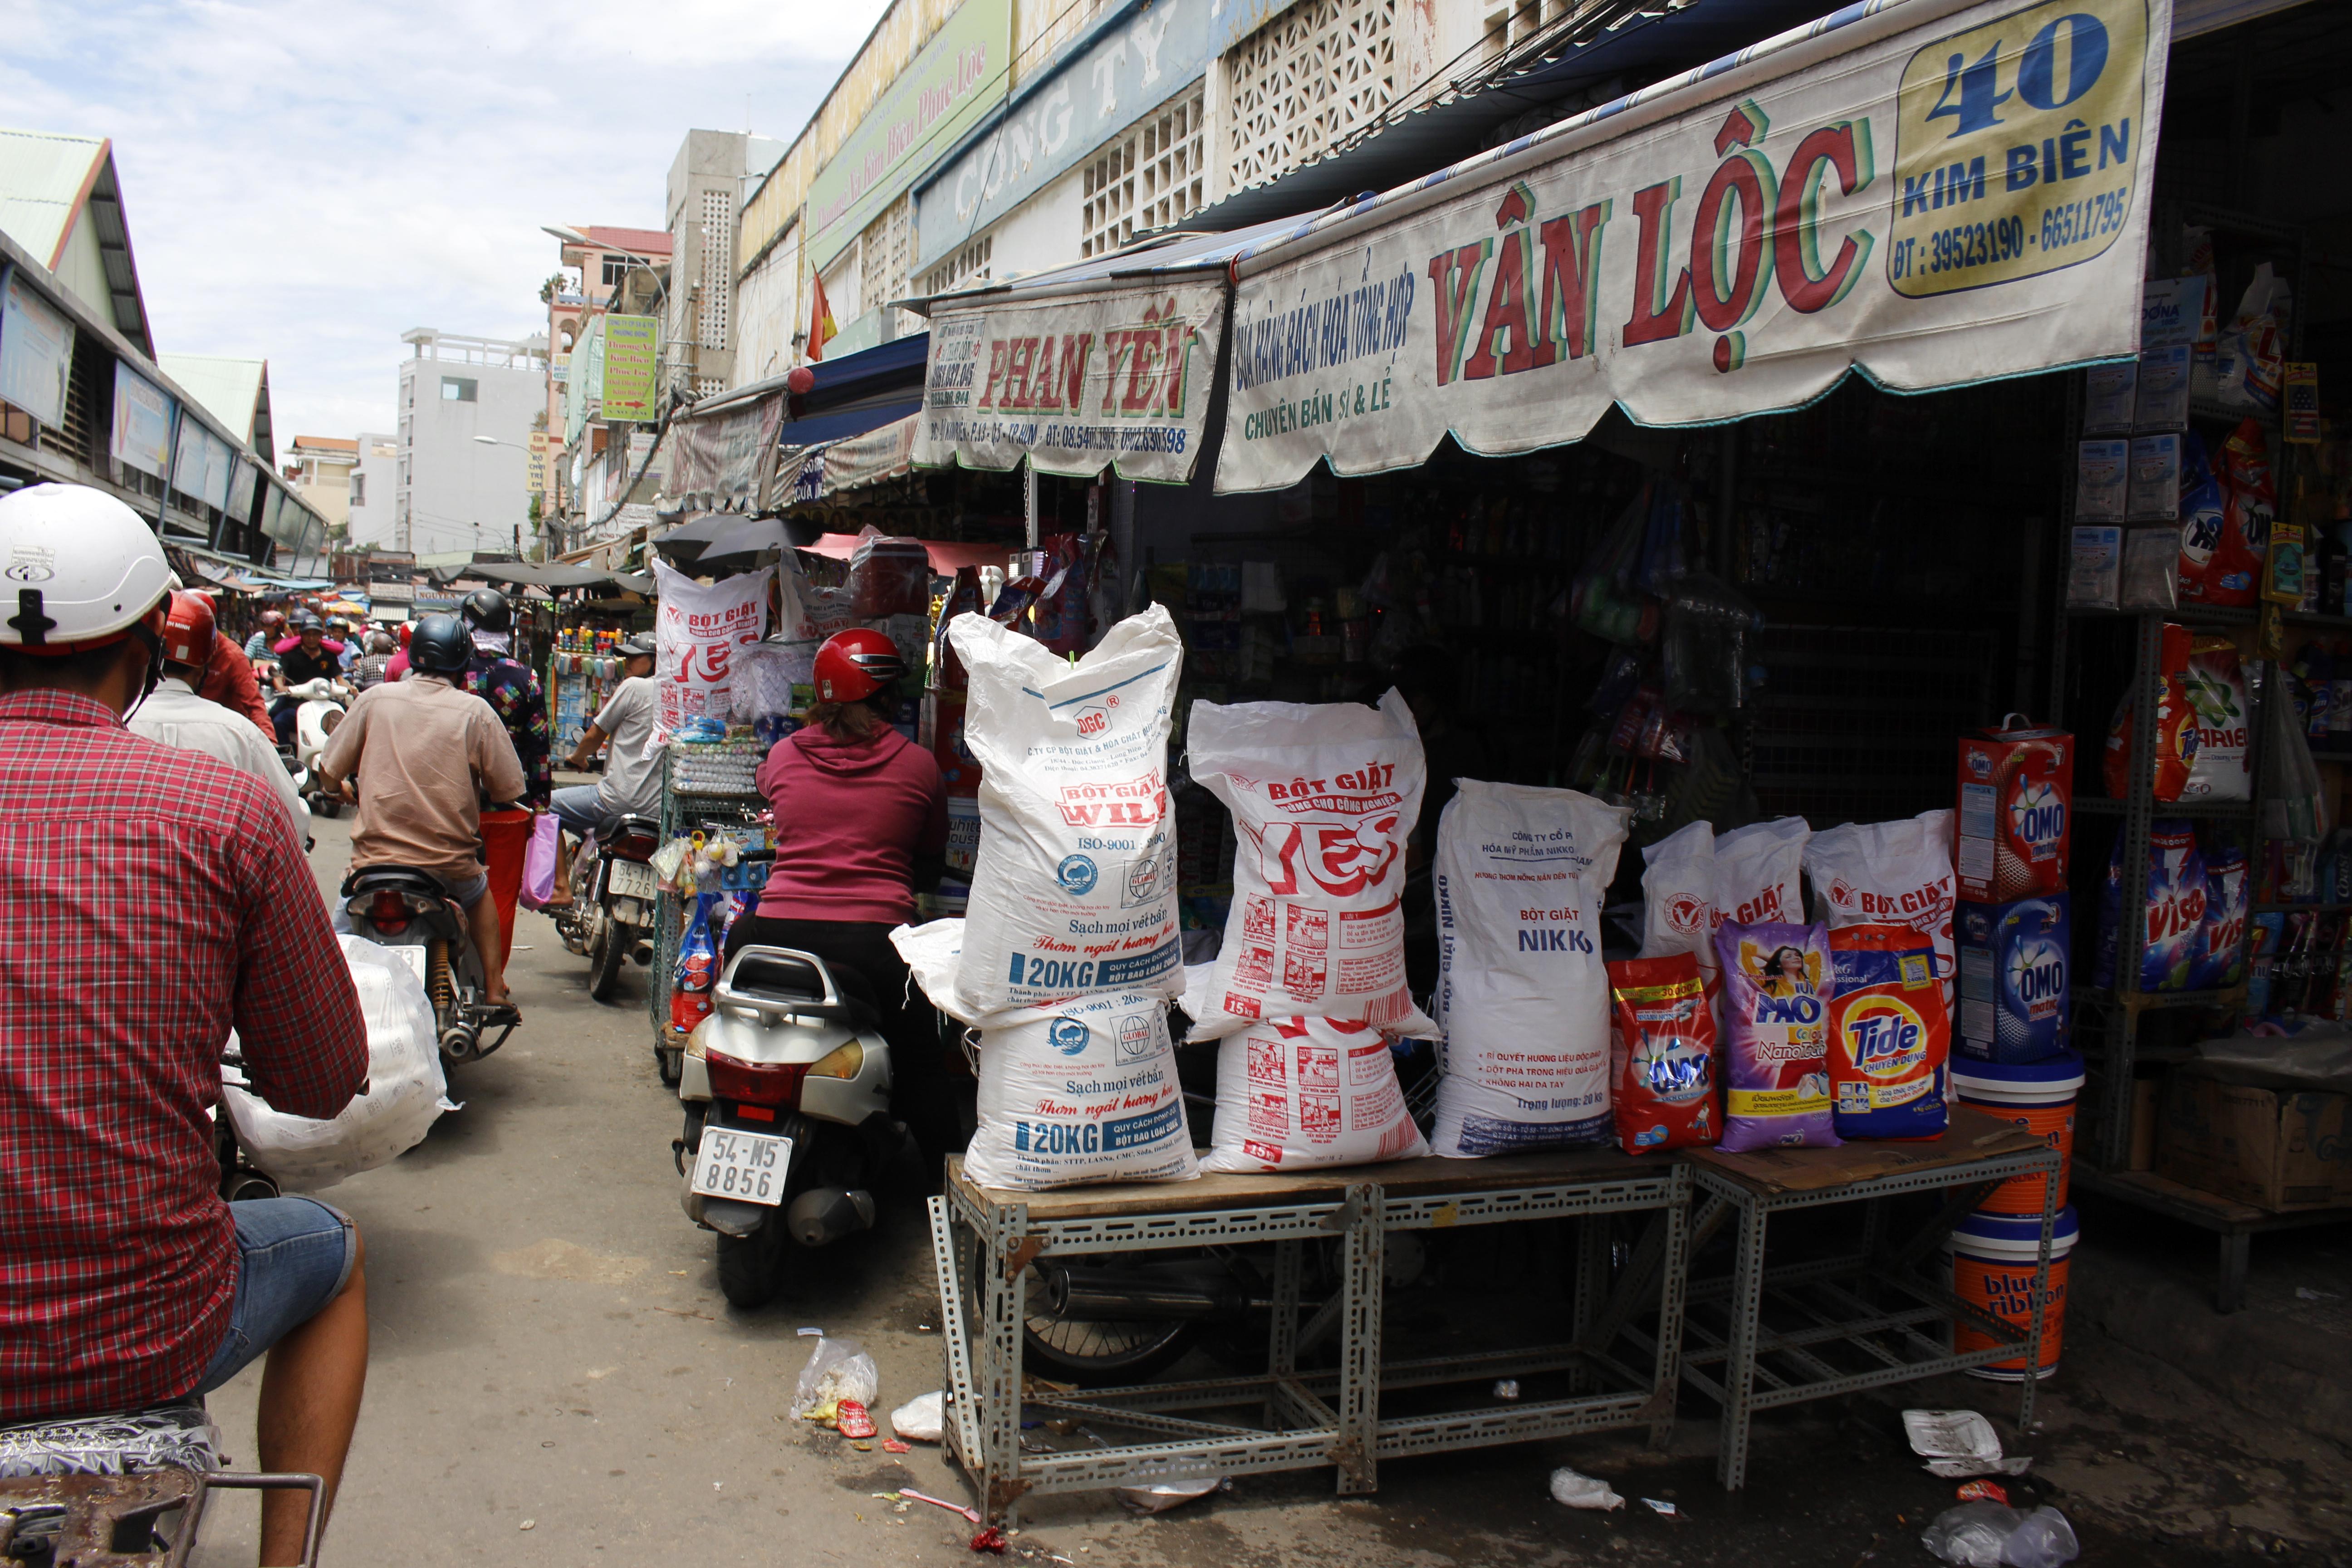 Chỉ tính hai bên mé chợ đã có khoảng 16 cửa hàng kinh doanh hóa chất, hương liệu được đựng trong các thùng, bao, can, xô nhựa lấn ra đường. Khách hàng cũng dừng xe tới mua hàng nhộn nhịp khiến nơi đây luôn chật chội, ùn tắc.